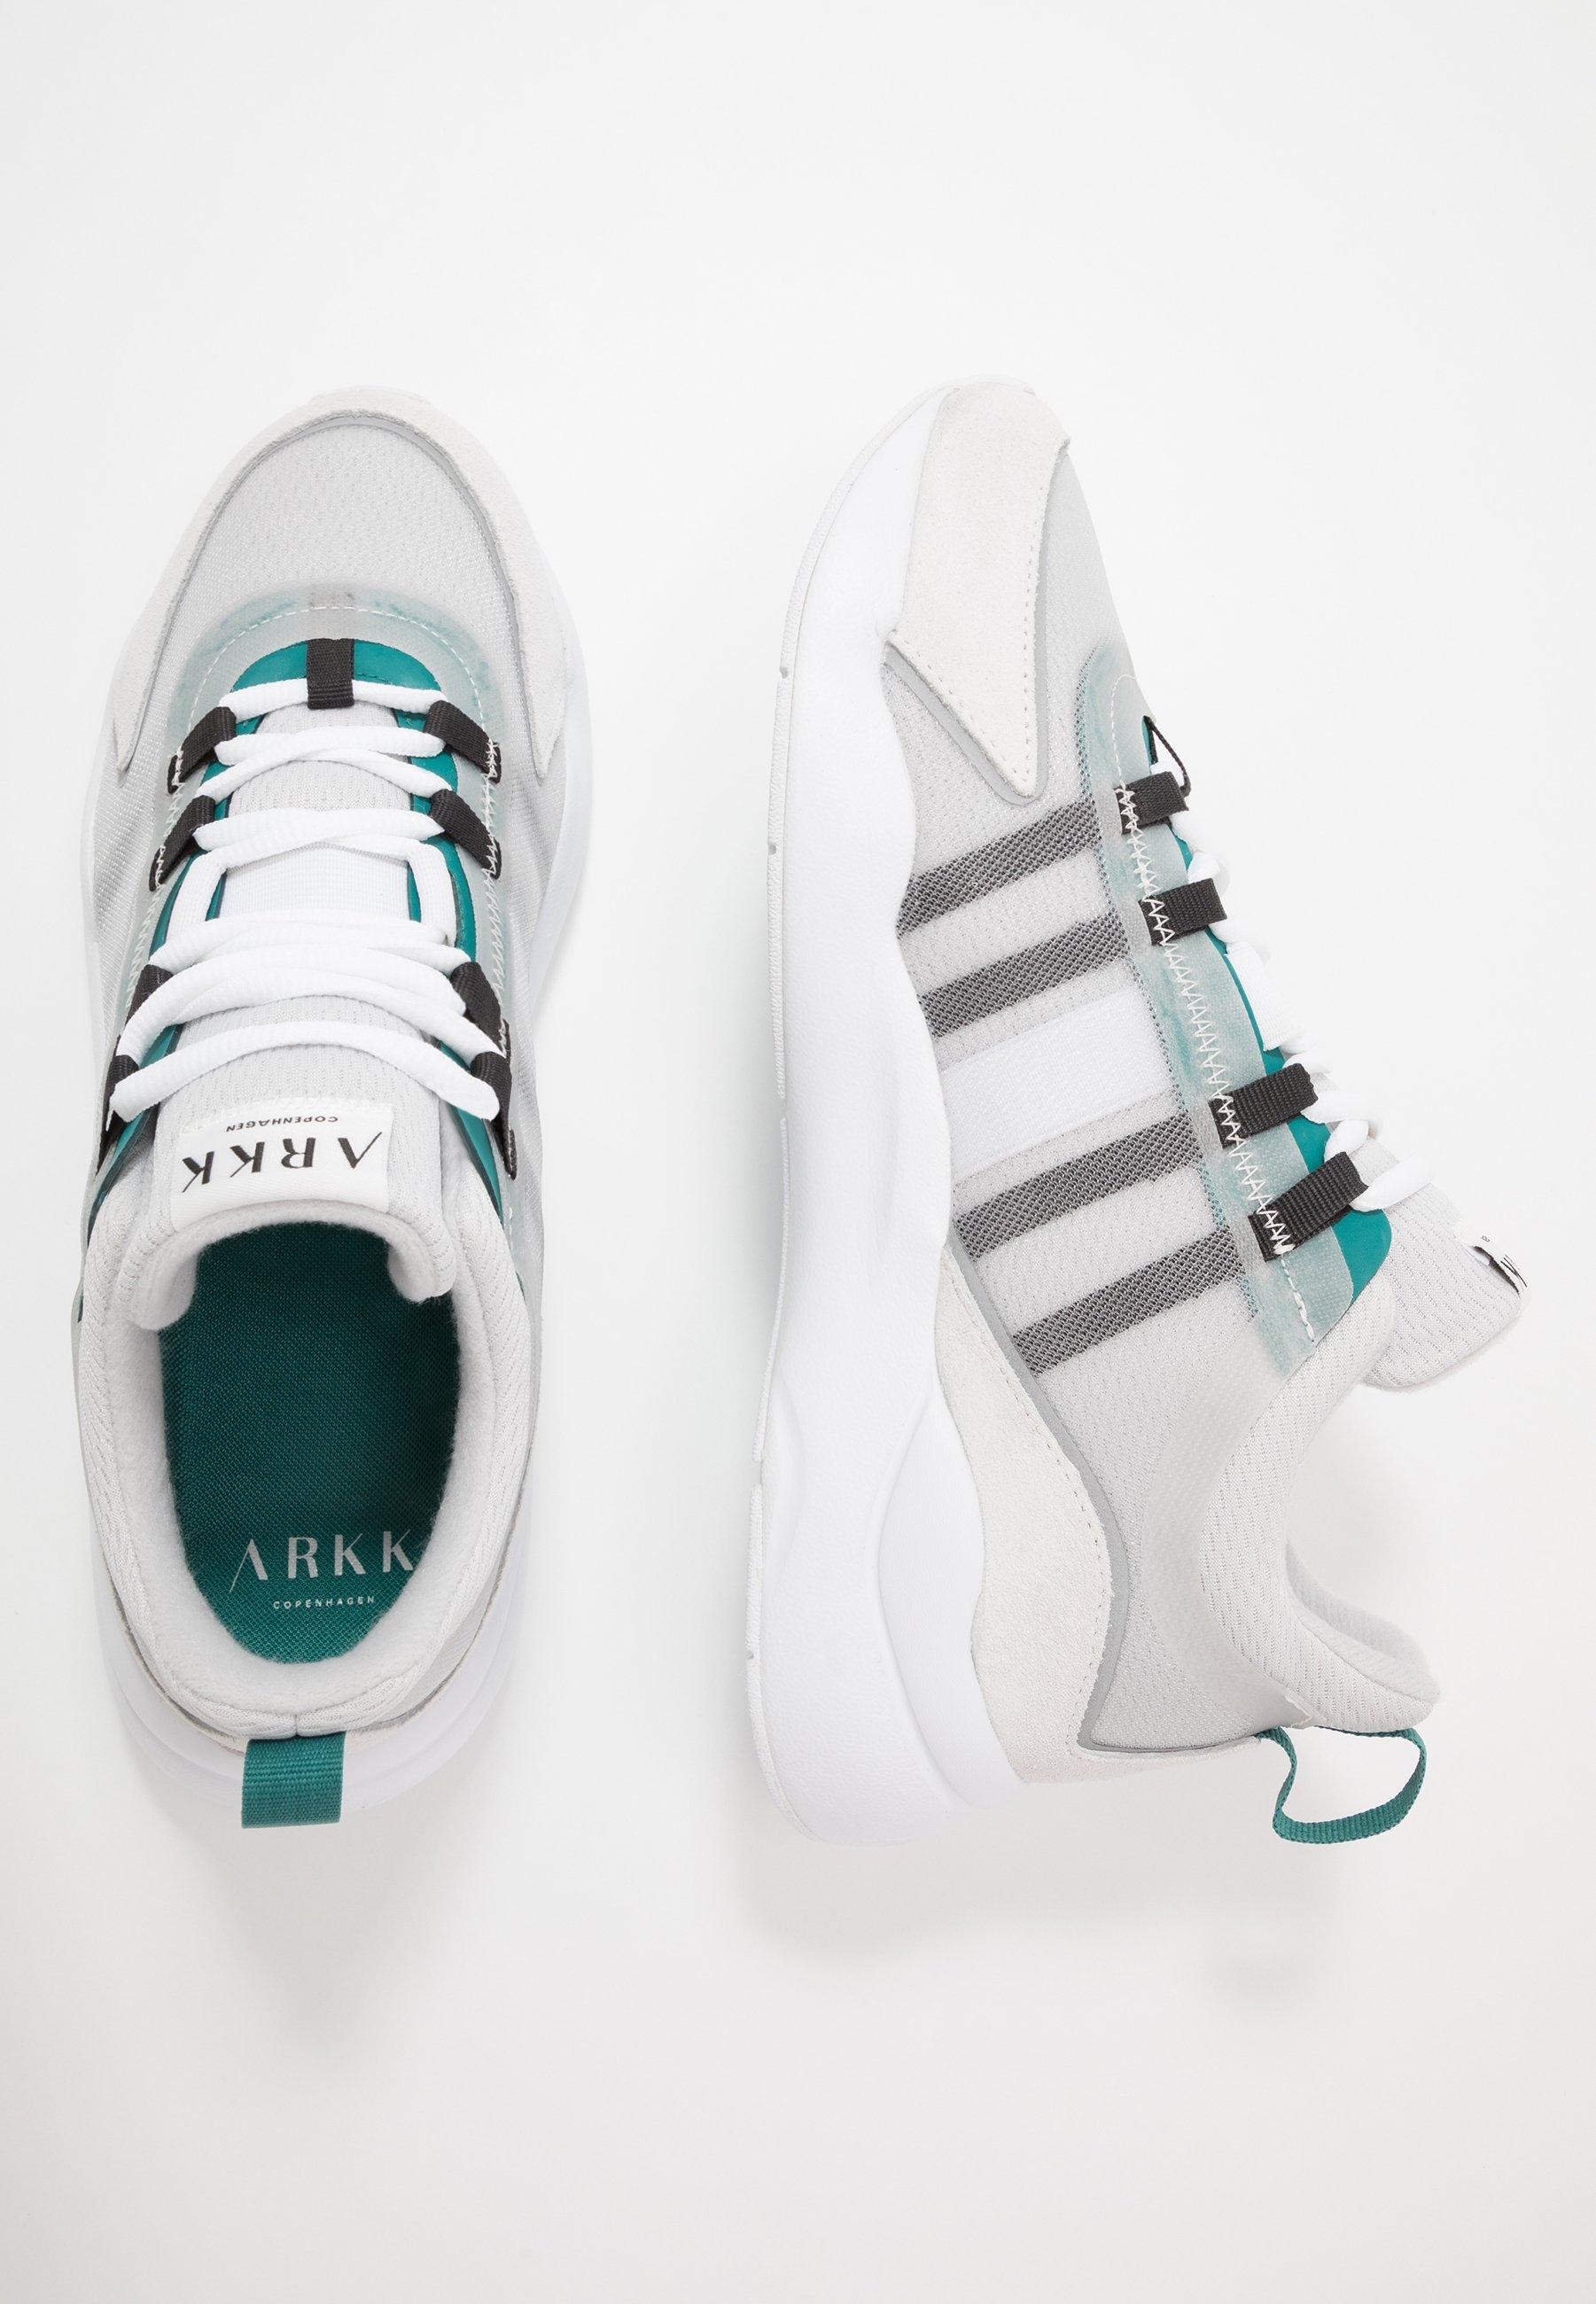 Arkk Copenhagen Lyron - Sneakers Soft Grey Teal